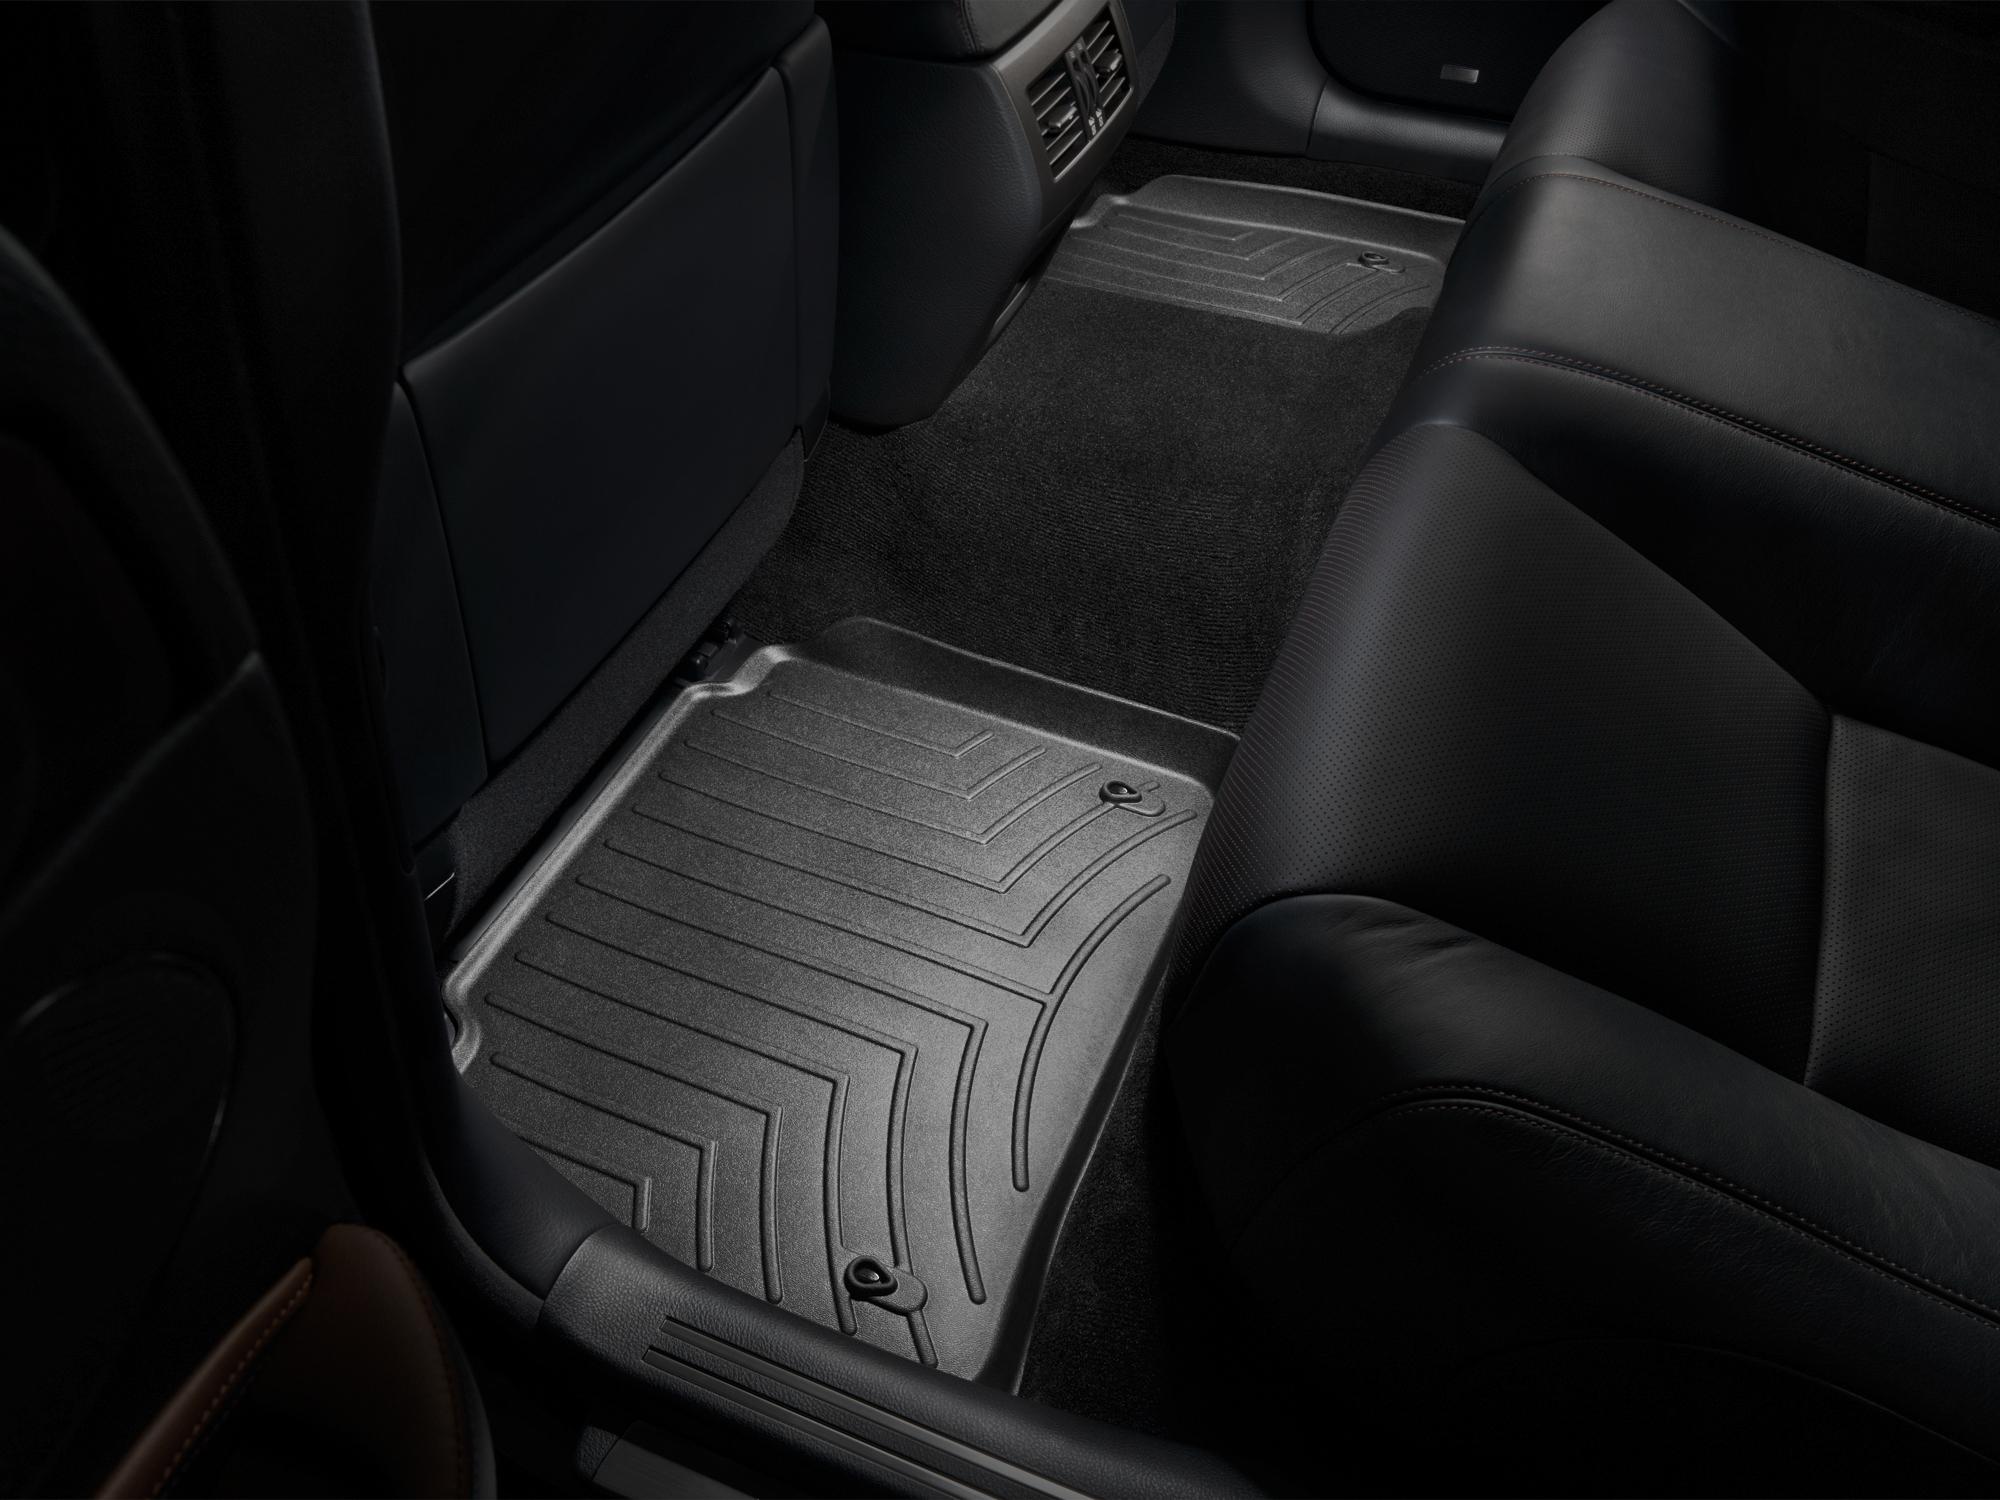 Tappeti gomma su misura bordo alto Lexus LS 07>12 Nero A2068